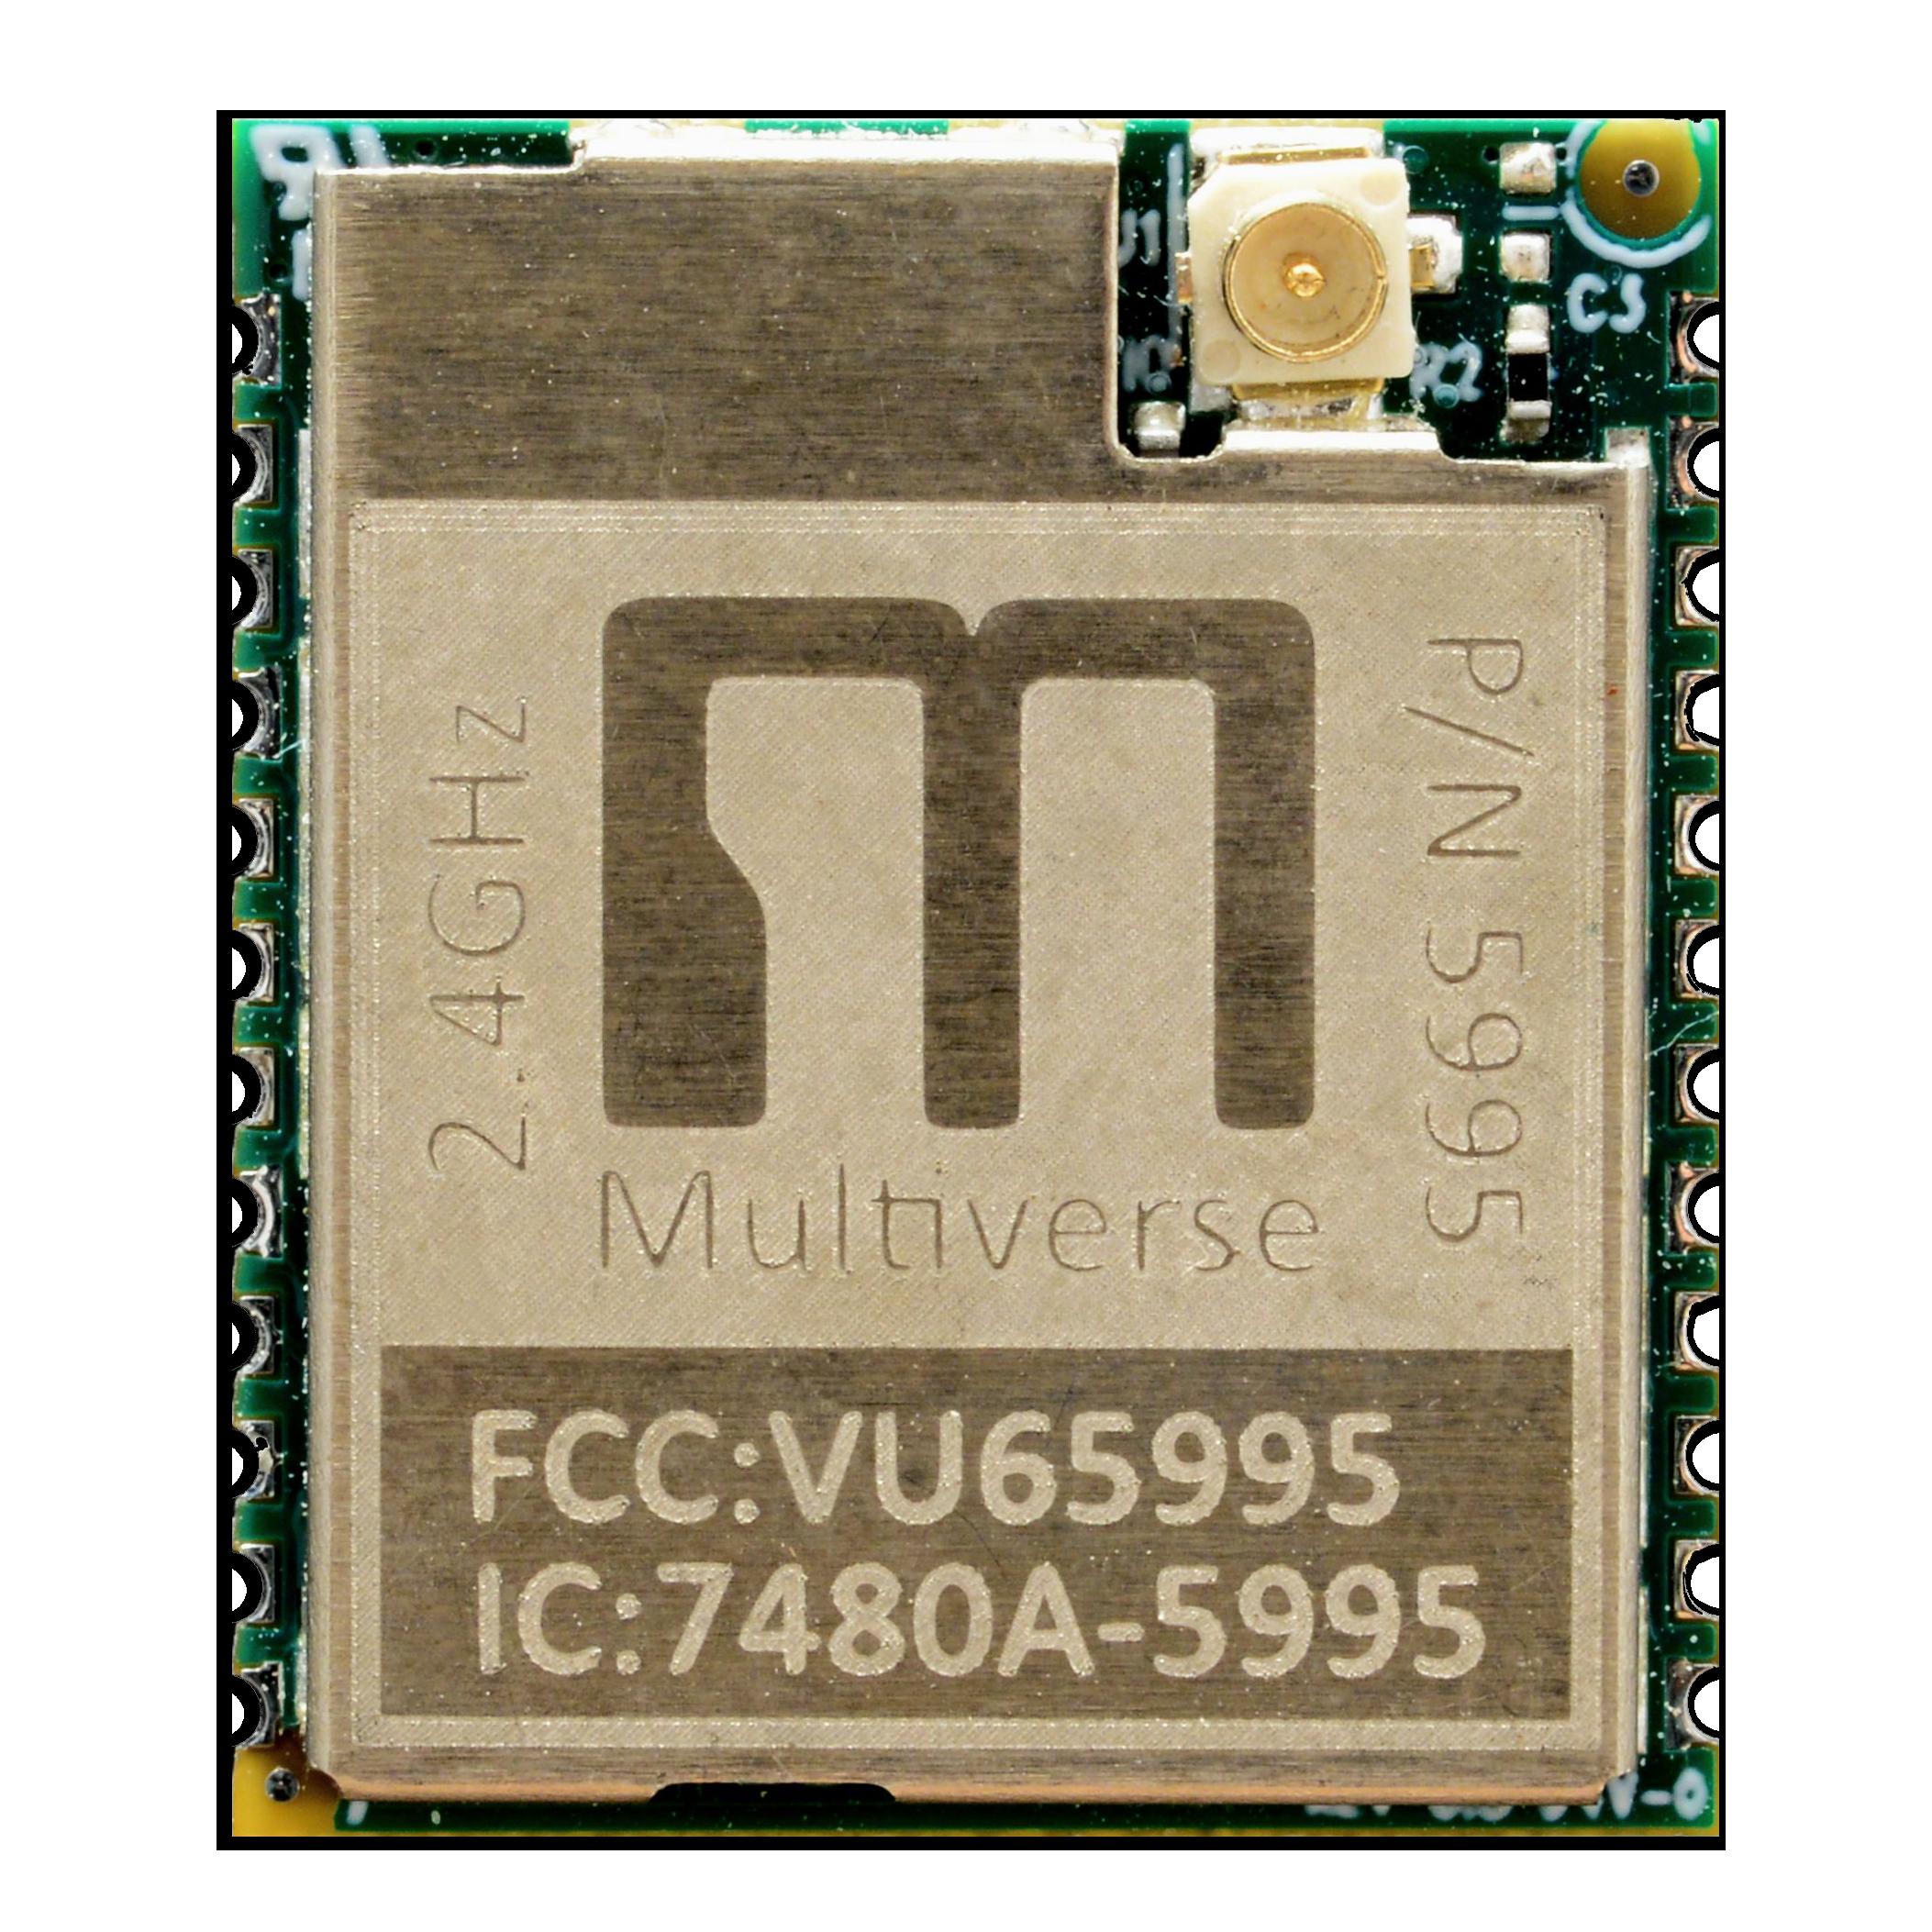 5995 Multiverse Module